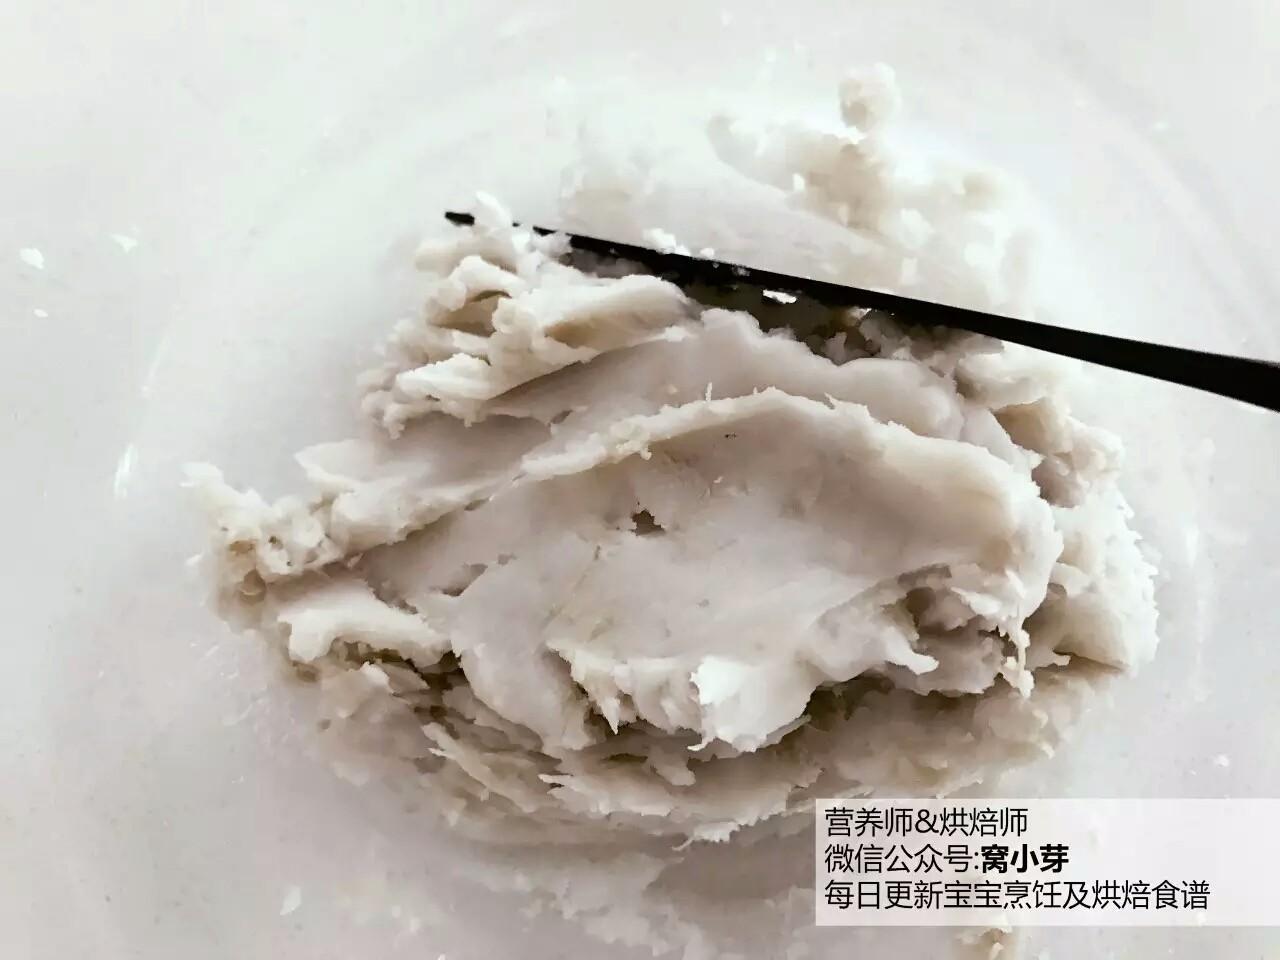 宝宝辅食:芋头蛋卷-好好吃早餐,元气满满地开始一天吧!10M+,把蒸熟的芋头捣烂,加入少许砂糖搅拌均匀,砂糖要趁热加入,如果融化不了,可以连碗放入蒸锅中再加热一会。</p> <p>》如果用的芋头很粉,无法成团,此时可加入少许牛奶搅拌。</p> <p>》芋头本身就微甜,所以小小宝也可以不加糖哈。